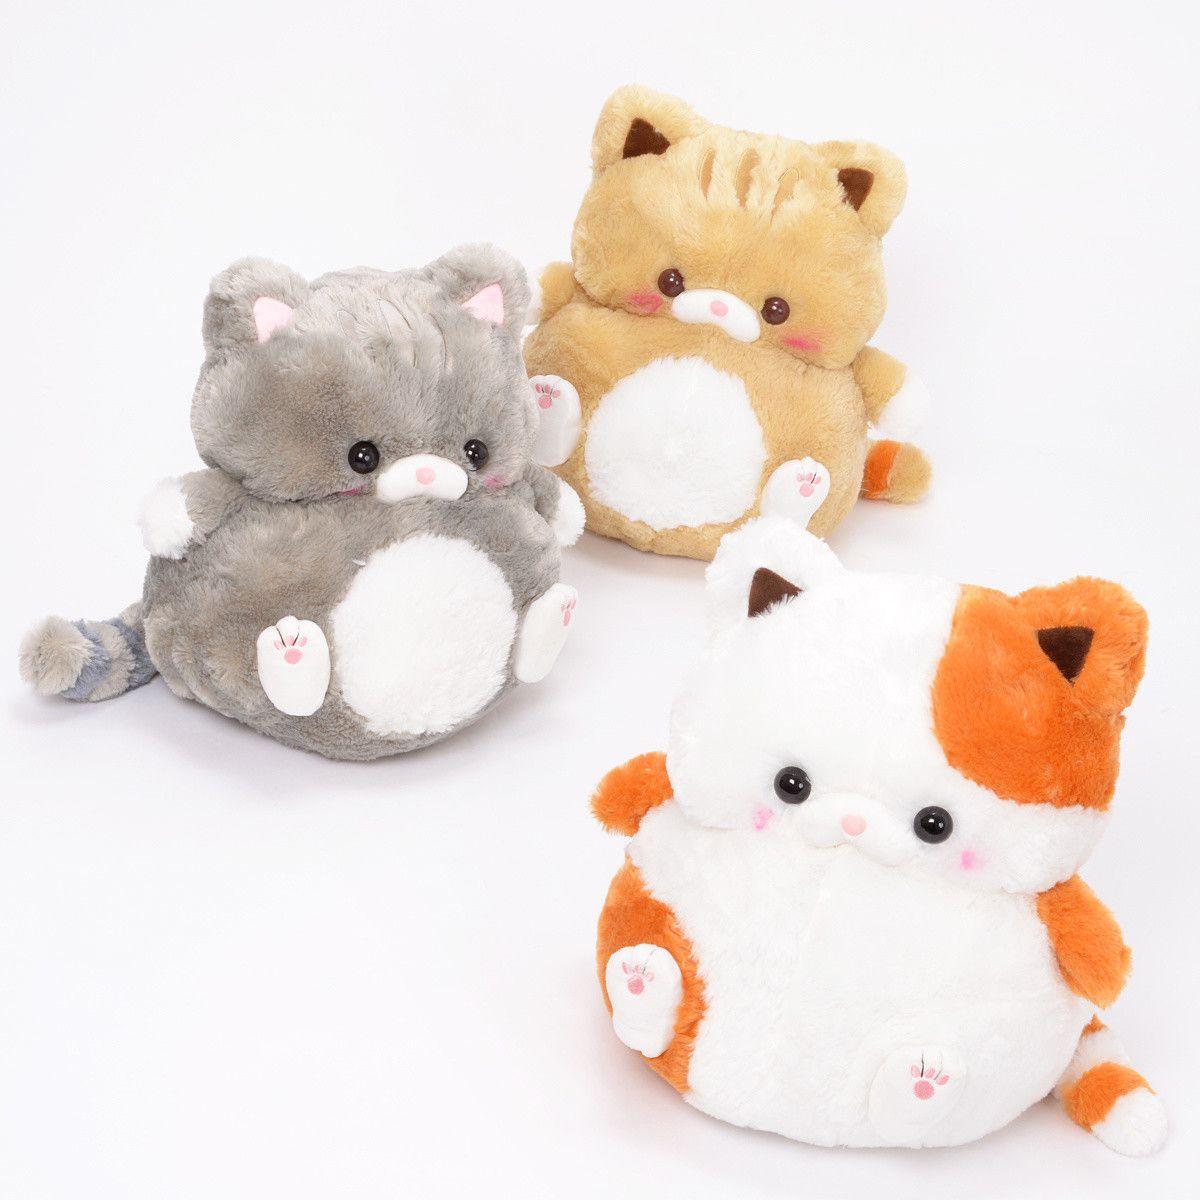 Mocchiri Neko no Kinako Plush Trio Kawaii plush, Cute